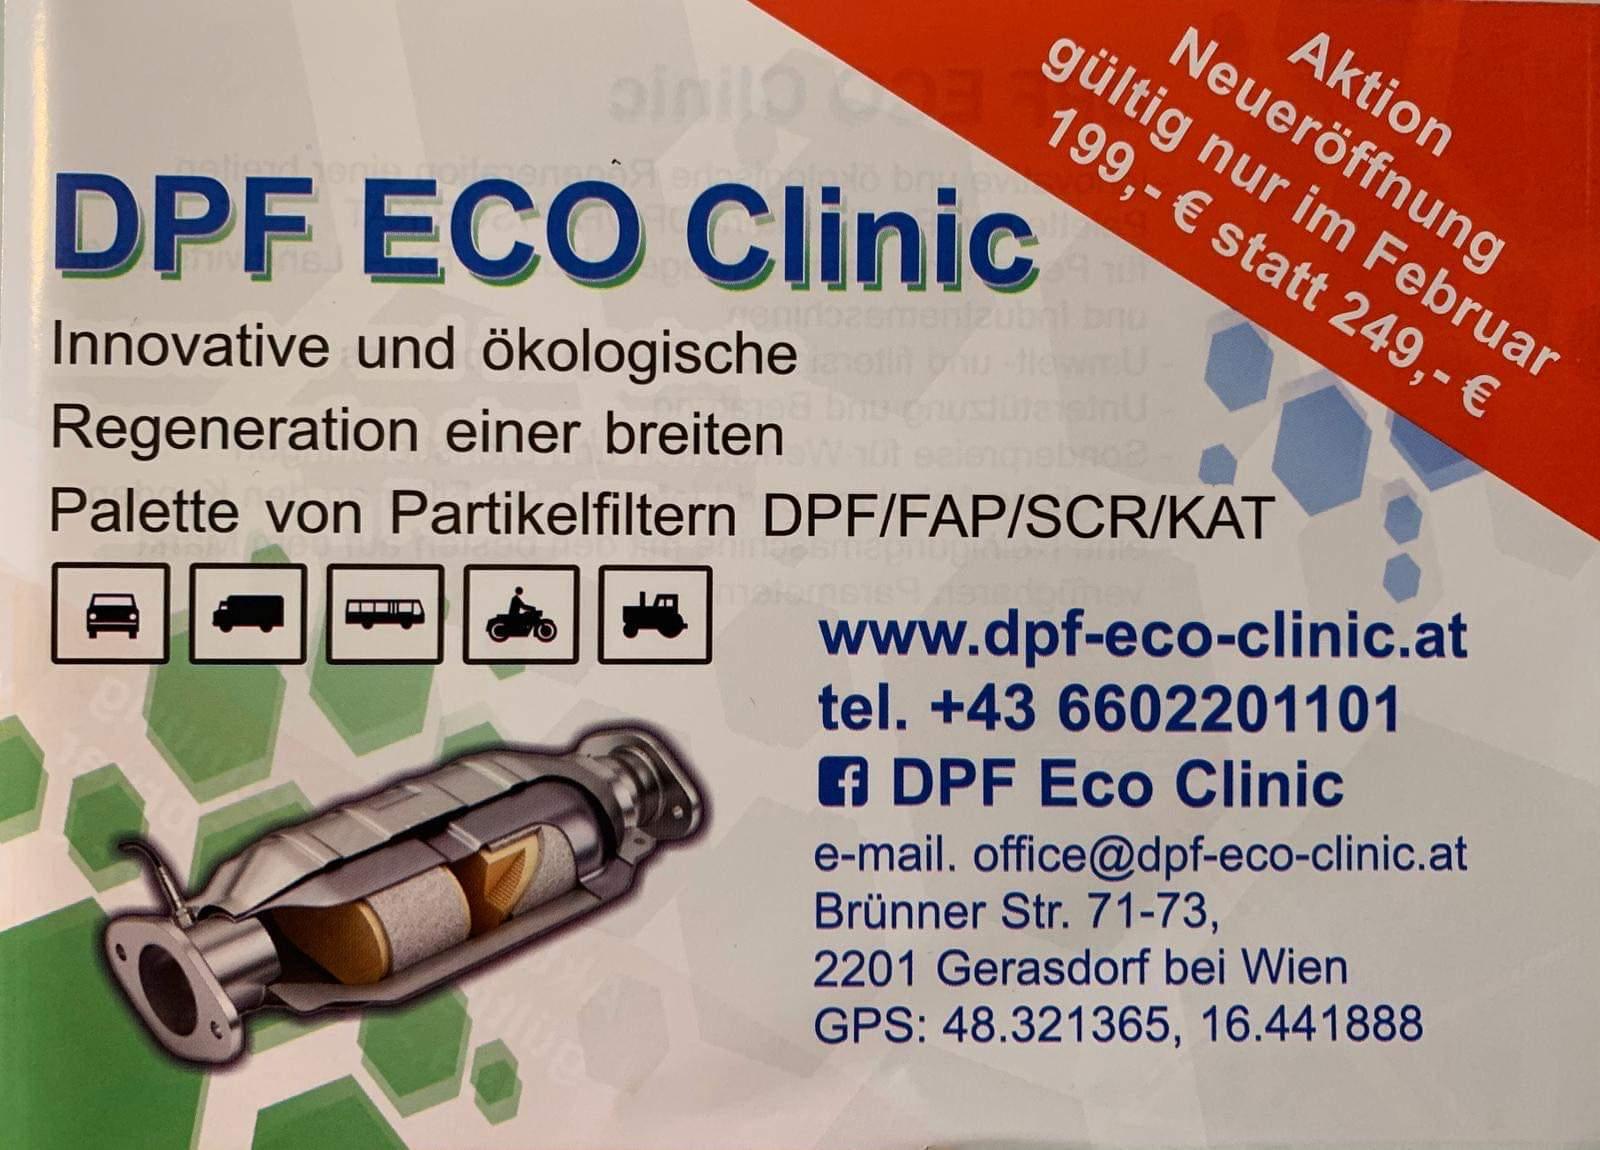 Eröffungsangebot: DPF Reinigung / Regeneration 199 statt 249 Euro